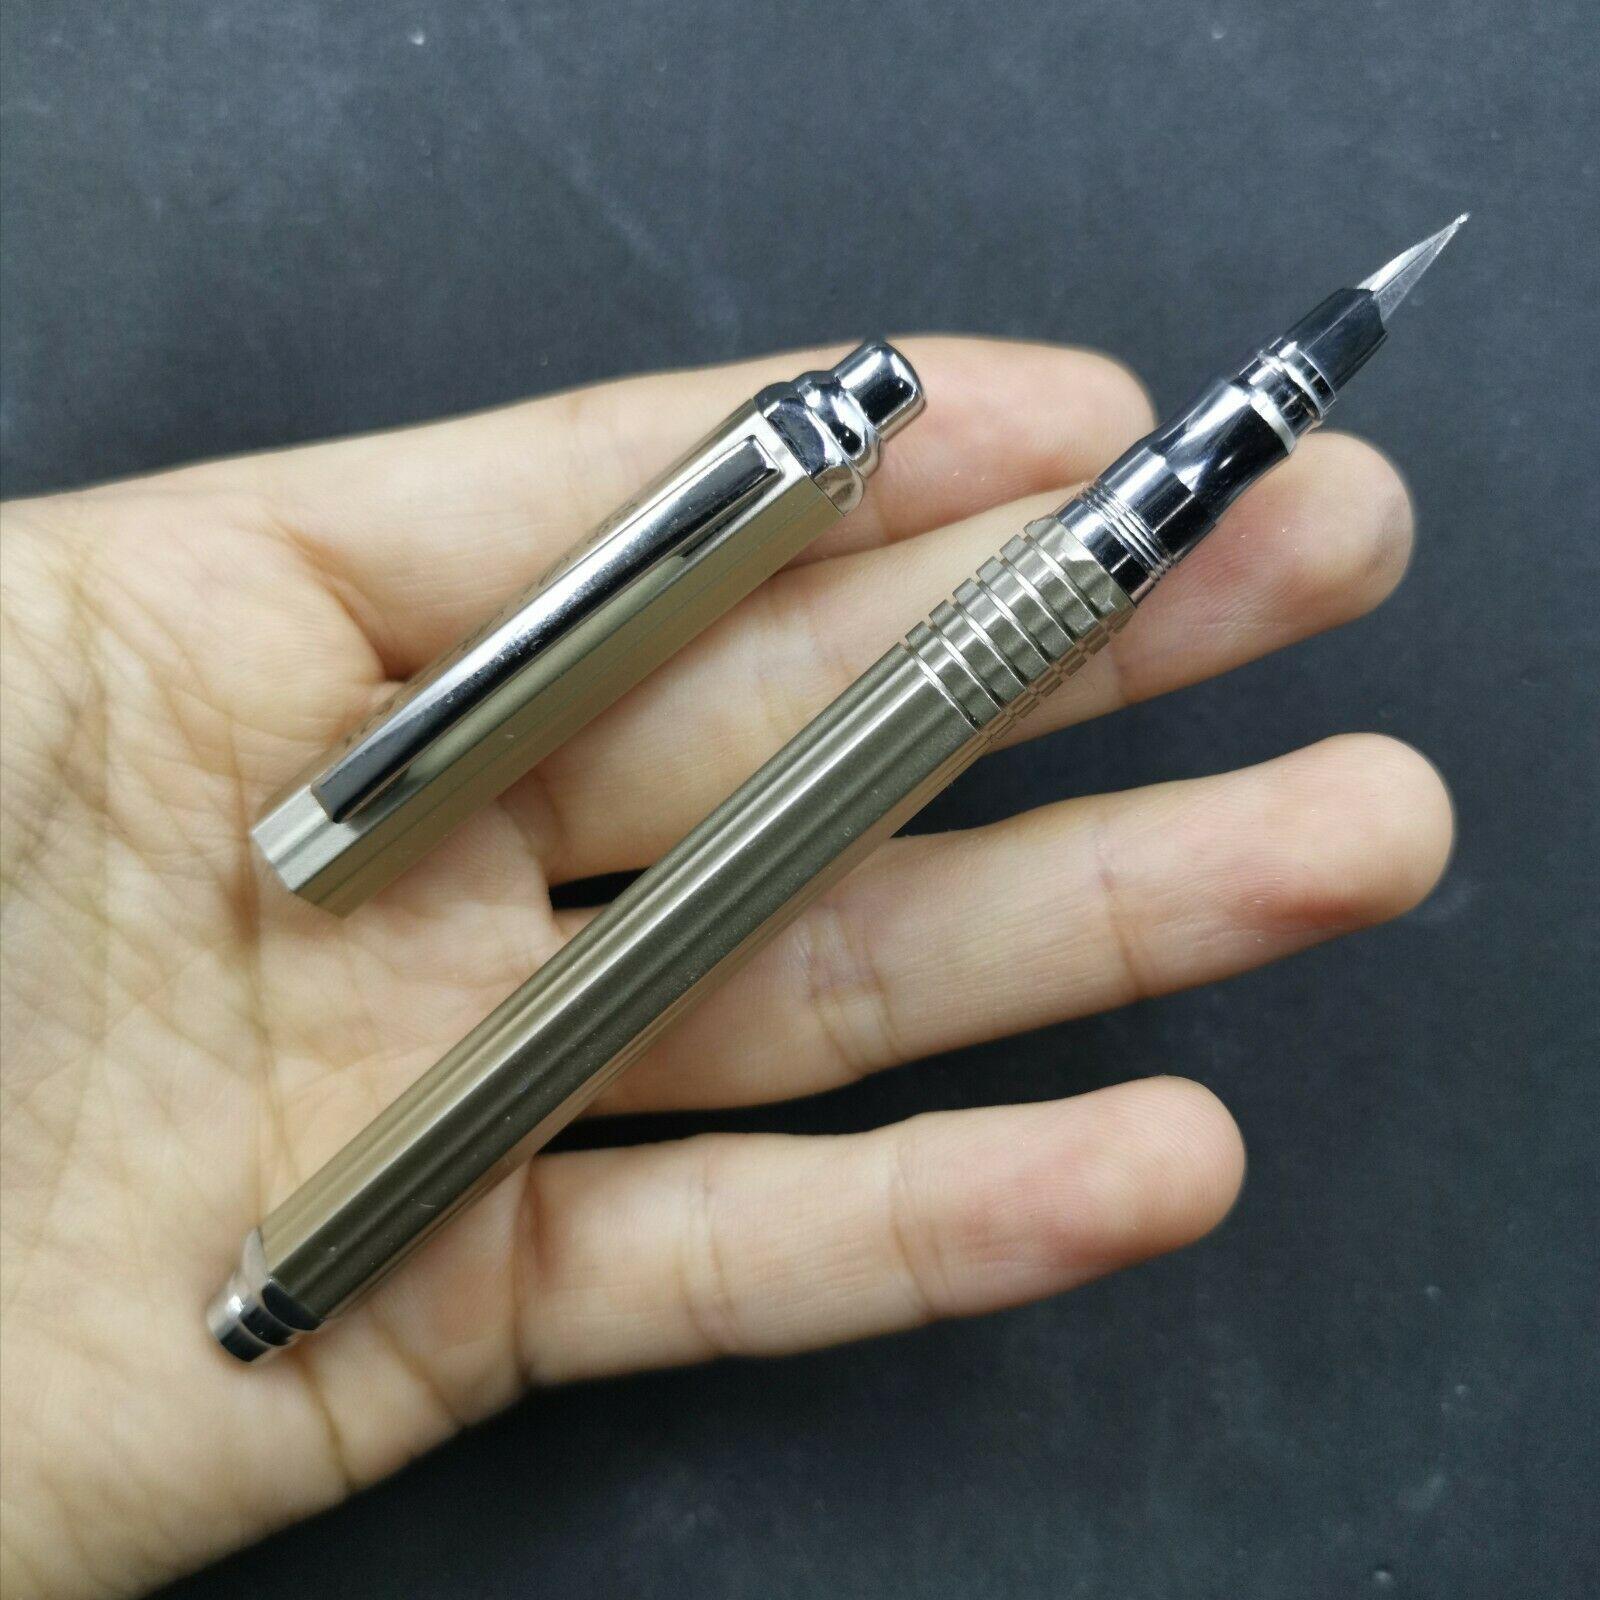 Pluma fuente gris lapicero de tinta de Metal Hexagonal único sistema de relleno aerométrico F nib papelería de oficina suministros escolares regalo de escritura